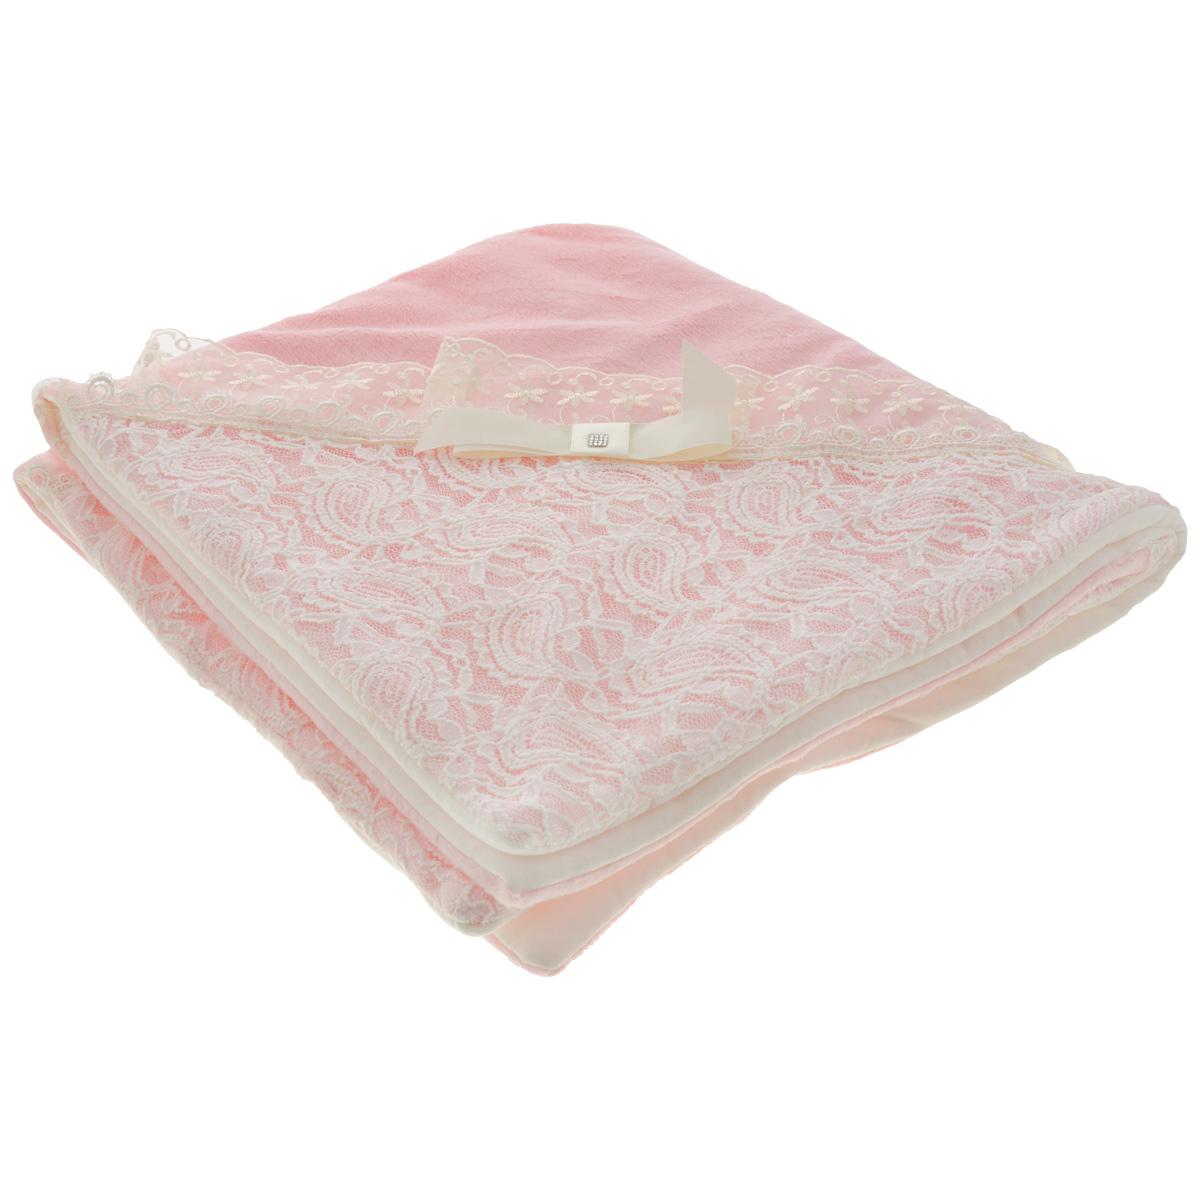 Плед детский Сонный гномик Праздничный, цвет: розовый, 77 см х 86 см1807Мягкий воздушный детский плед Сонный гномик Праздничный с утеплителем идеально подойдет для прогулок в коляске. Верхний материал выполнен из 100% хлопка и декорирован кружевными вставками. В качестве наполнителя используется синтепон. Благодаря размерам и практичному материалу плед очень удобен в использовании. Детский плед Сонный гномик Праздничный - лучший выбор родителей, которые хотят подарить ребенку ощущение комфорта и надежности уже с первых дней жизни.